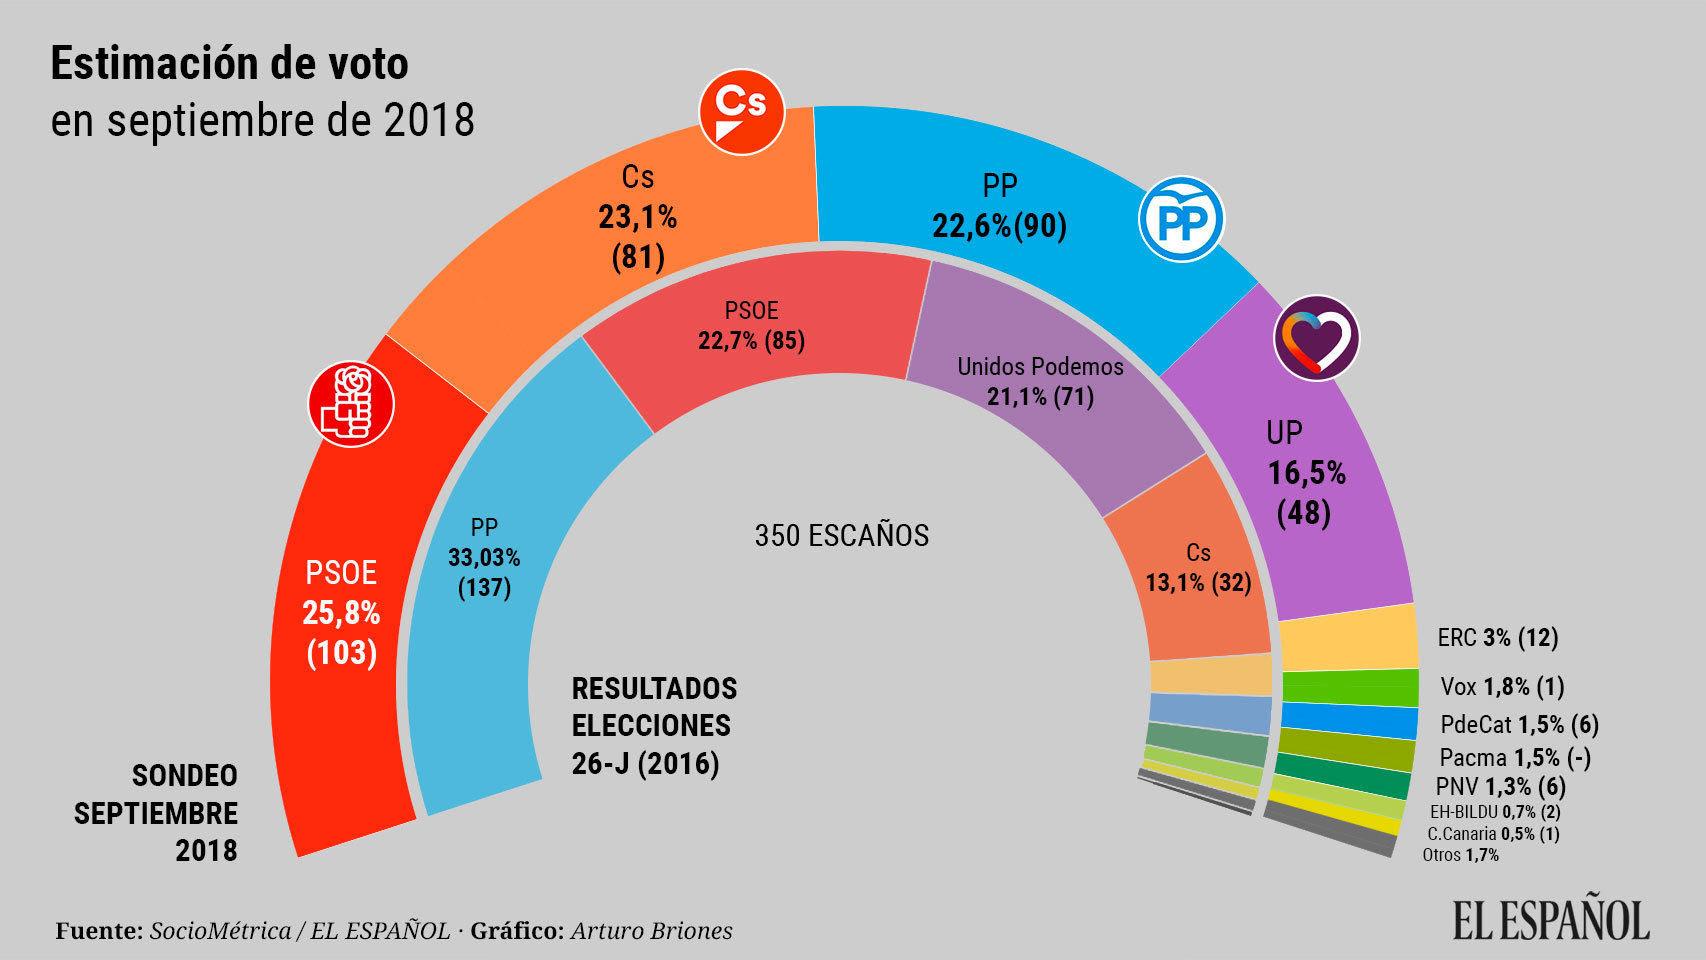 El PSOE ganaría hoy las elecciones pero, con una ventaja mucho menor que la pronosticada por el CIS en julio, seguido muy de cerca por CS y PP.